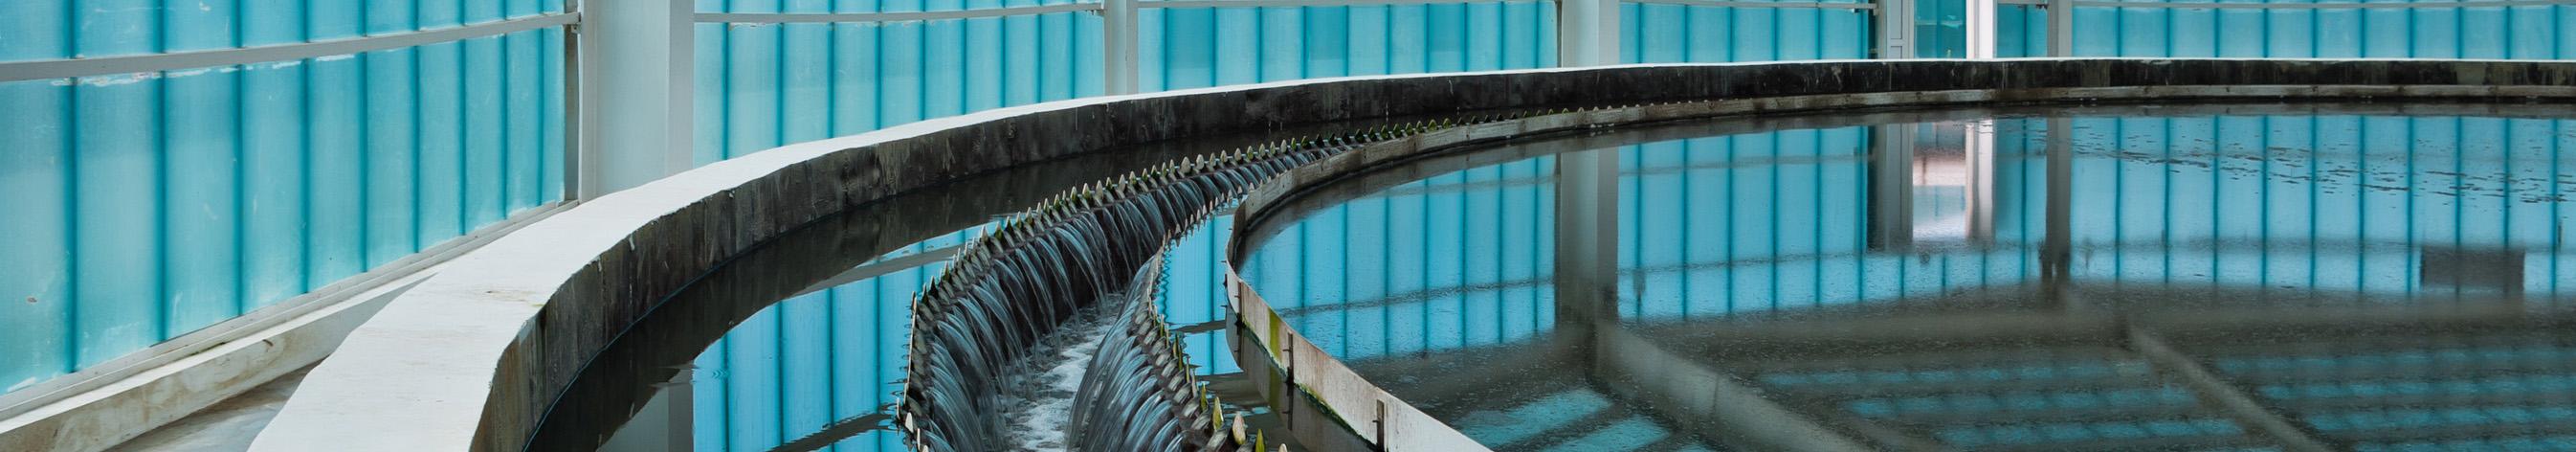 датчики давления для систем жкх водоподготовки теплоснабжения и водоснабжения ИТП ЦТП Управление насосами подачи воды Системы контроля и поддержания уровня Системы очистки воды Устройства автоматики Контроль сточных вод Сельское хозяйство